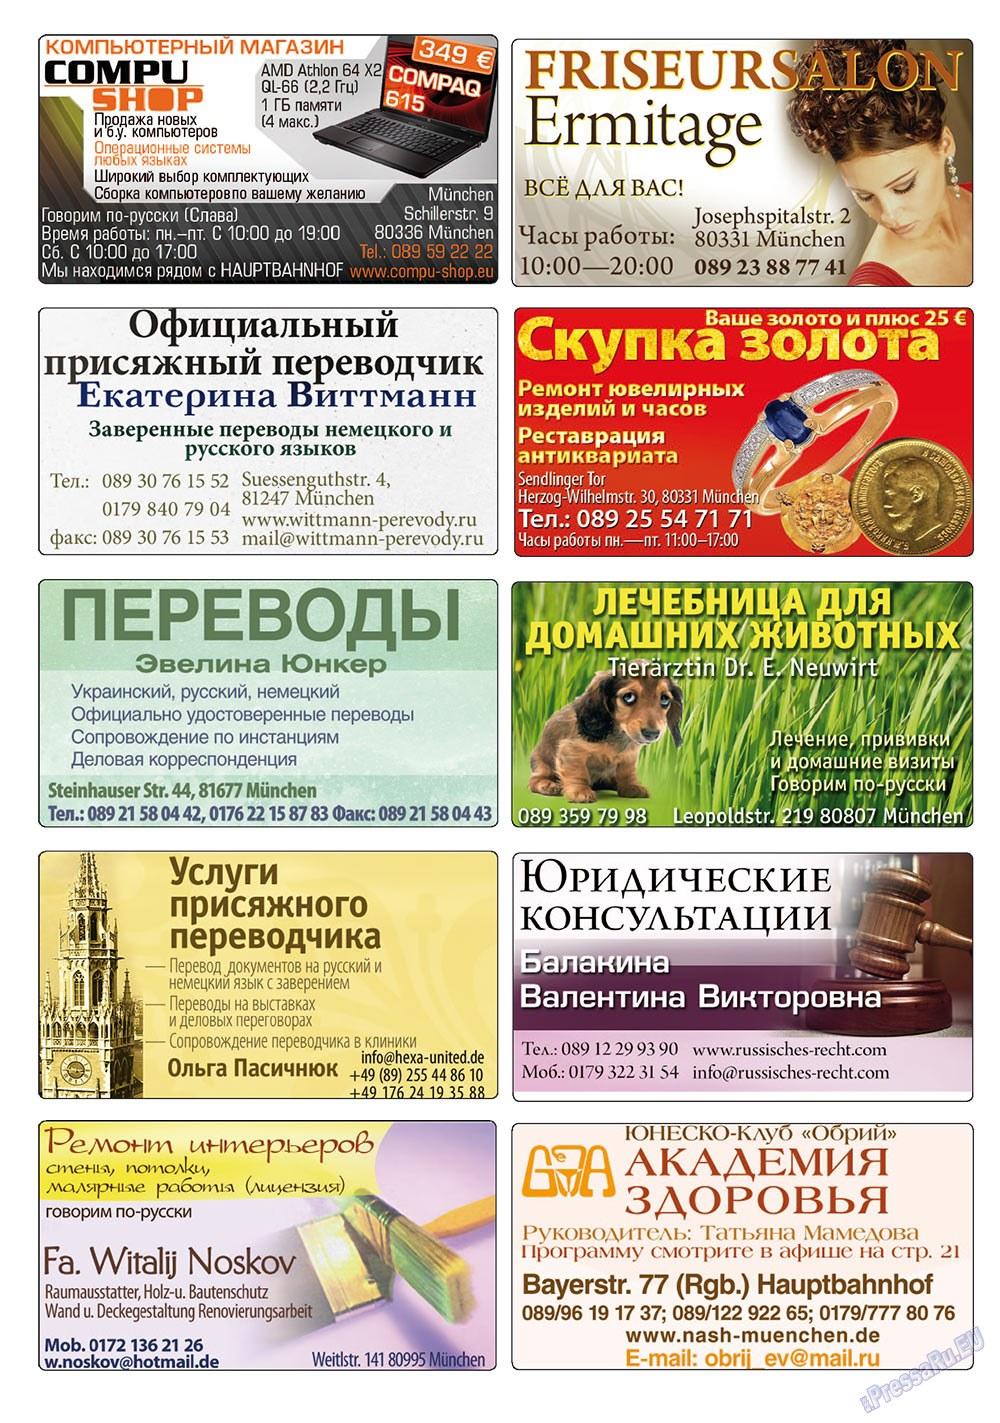 Апельсин (журнал). 2010 год, номер 15, стр. 25